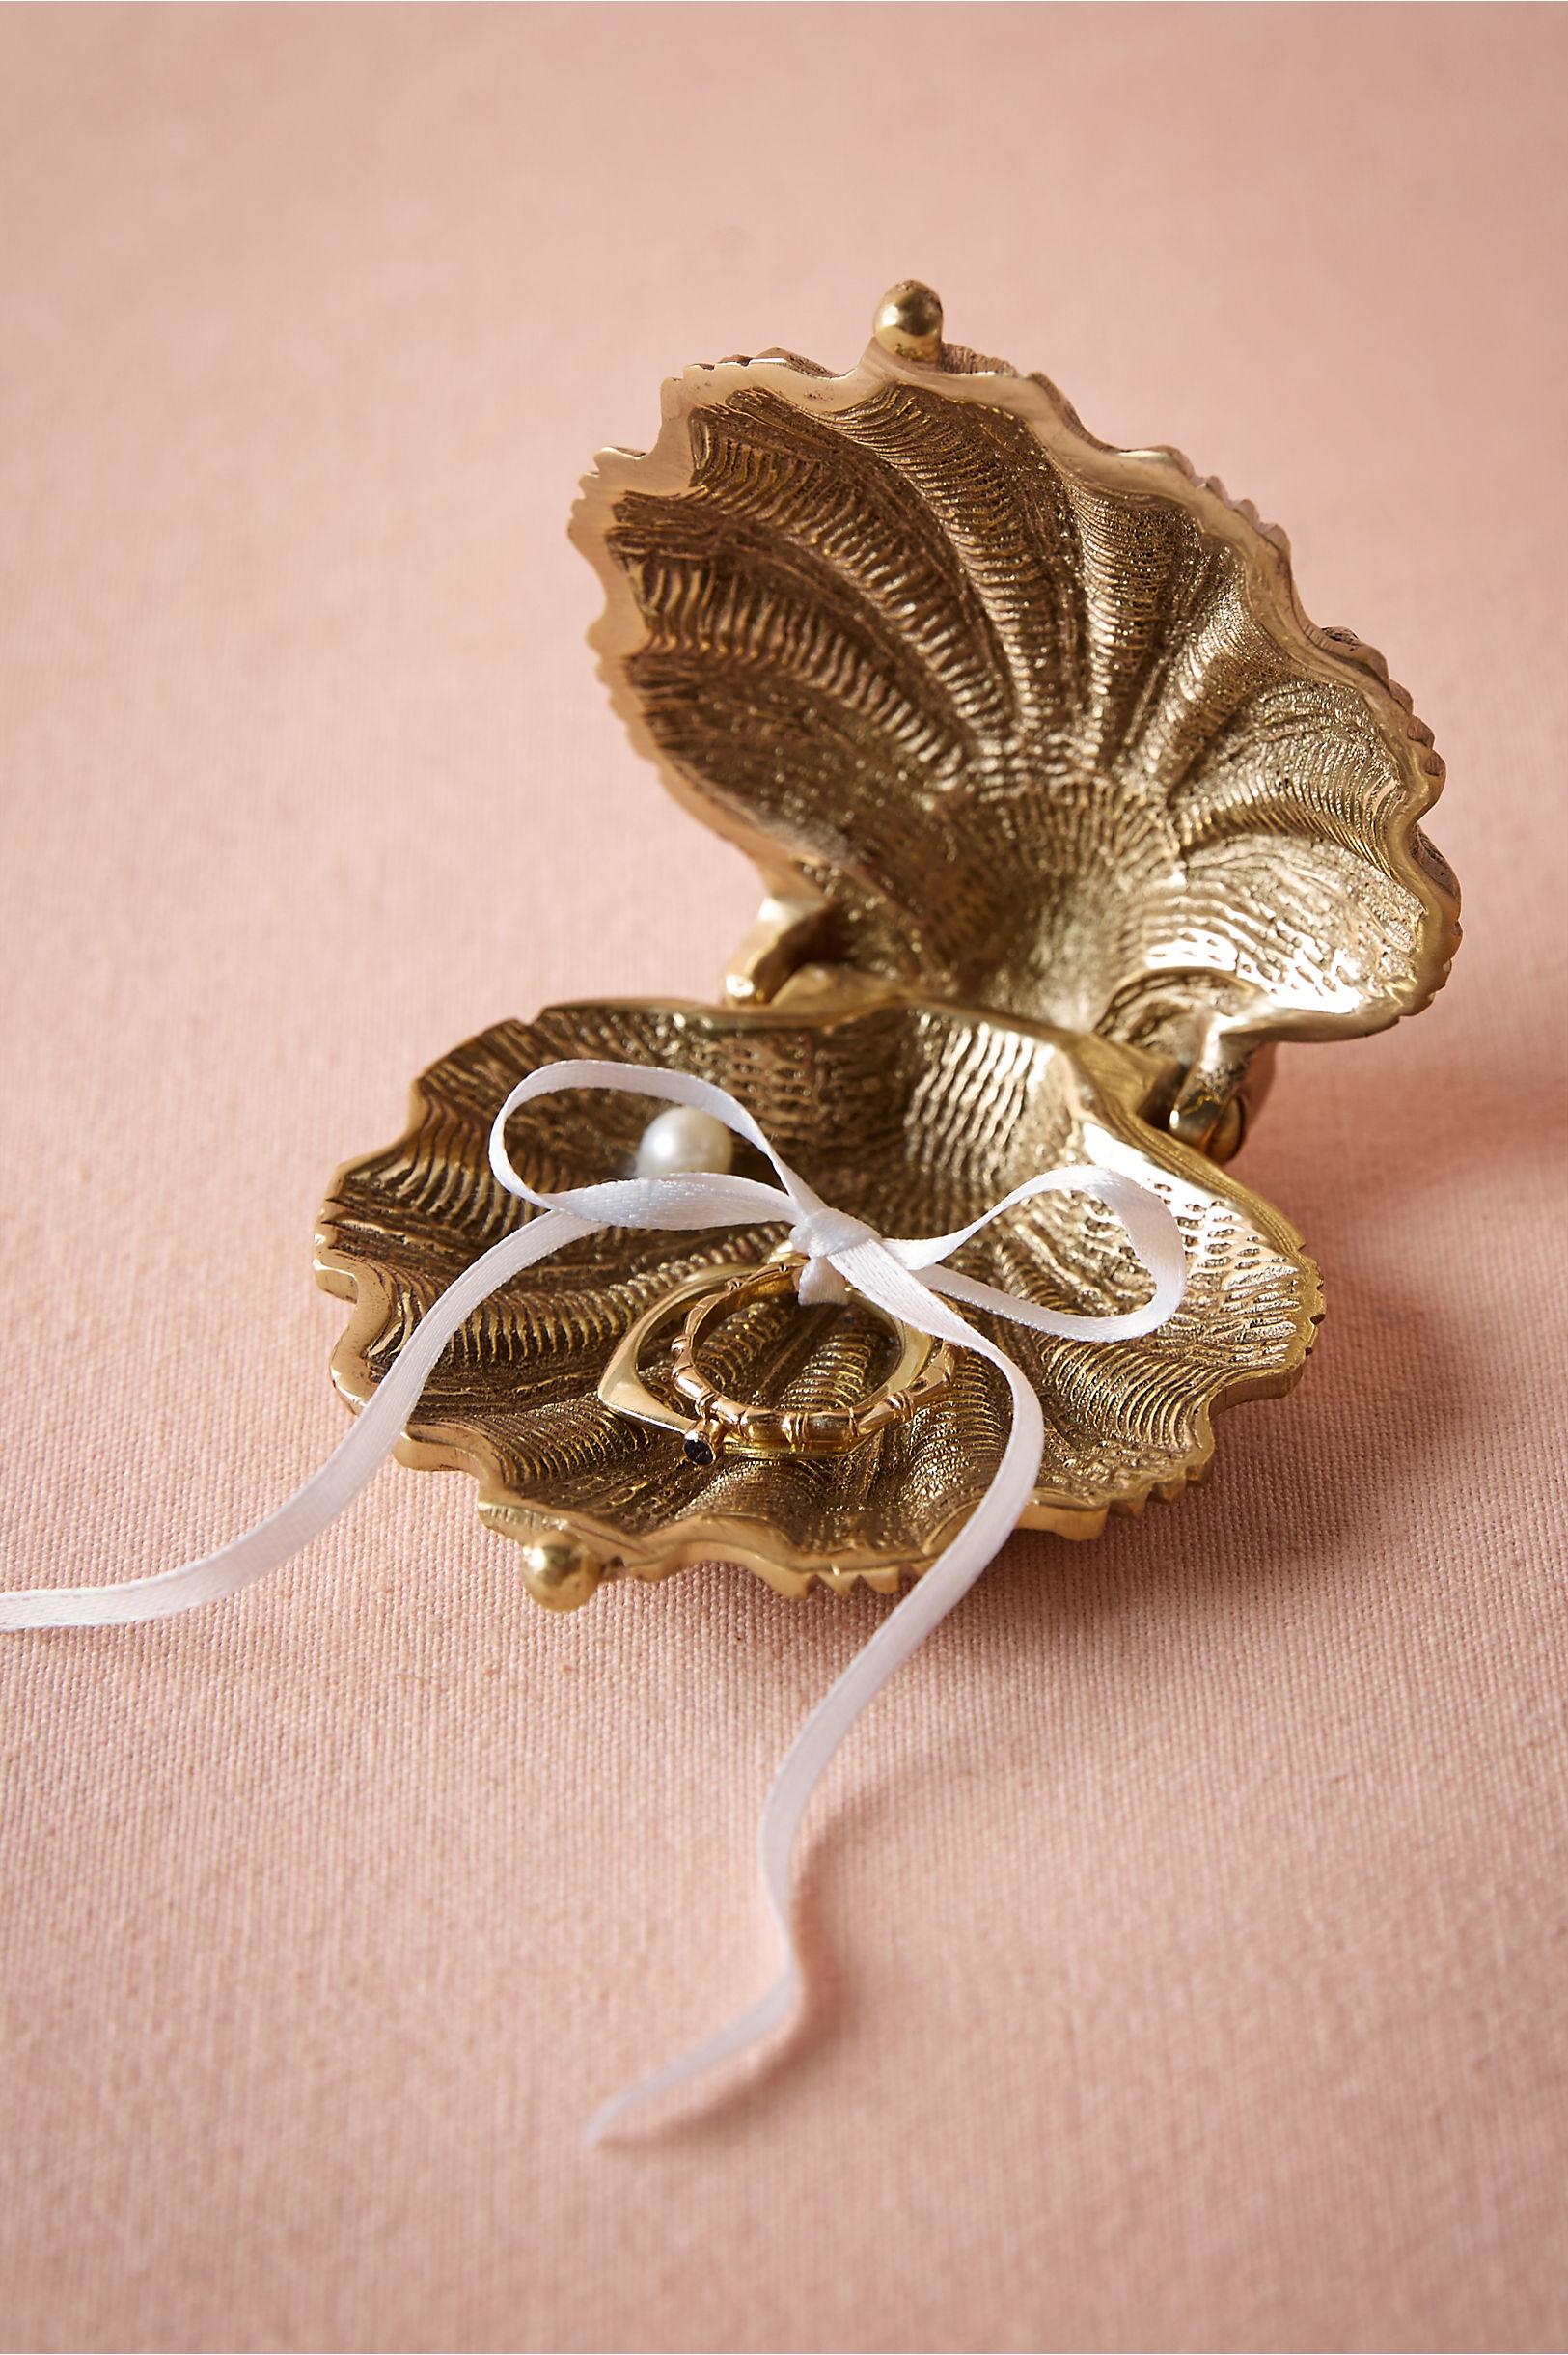 gilded seashell ring holder wedding ring holder Gold Gilded Seashell Ring Holder BHLDN